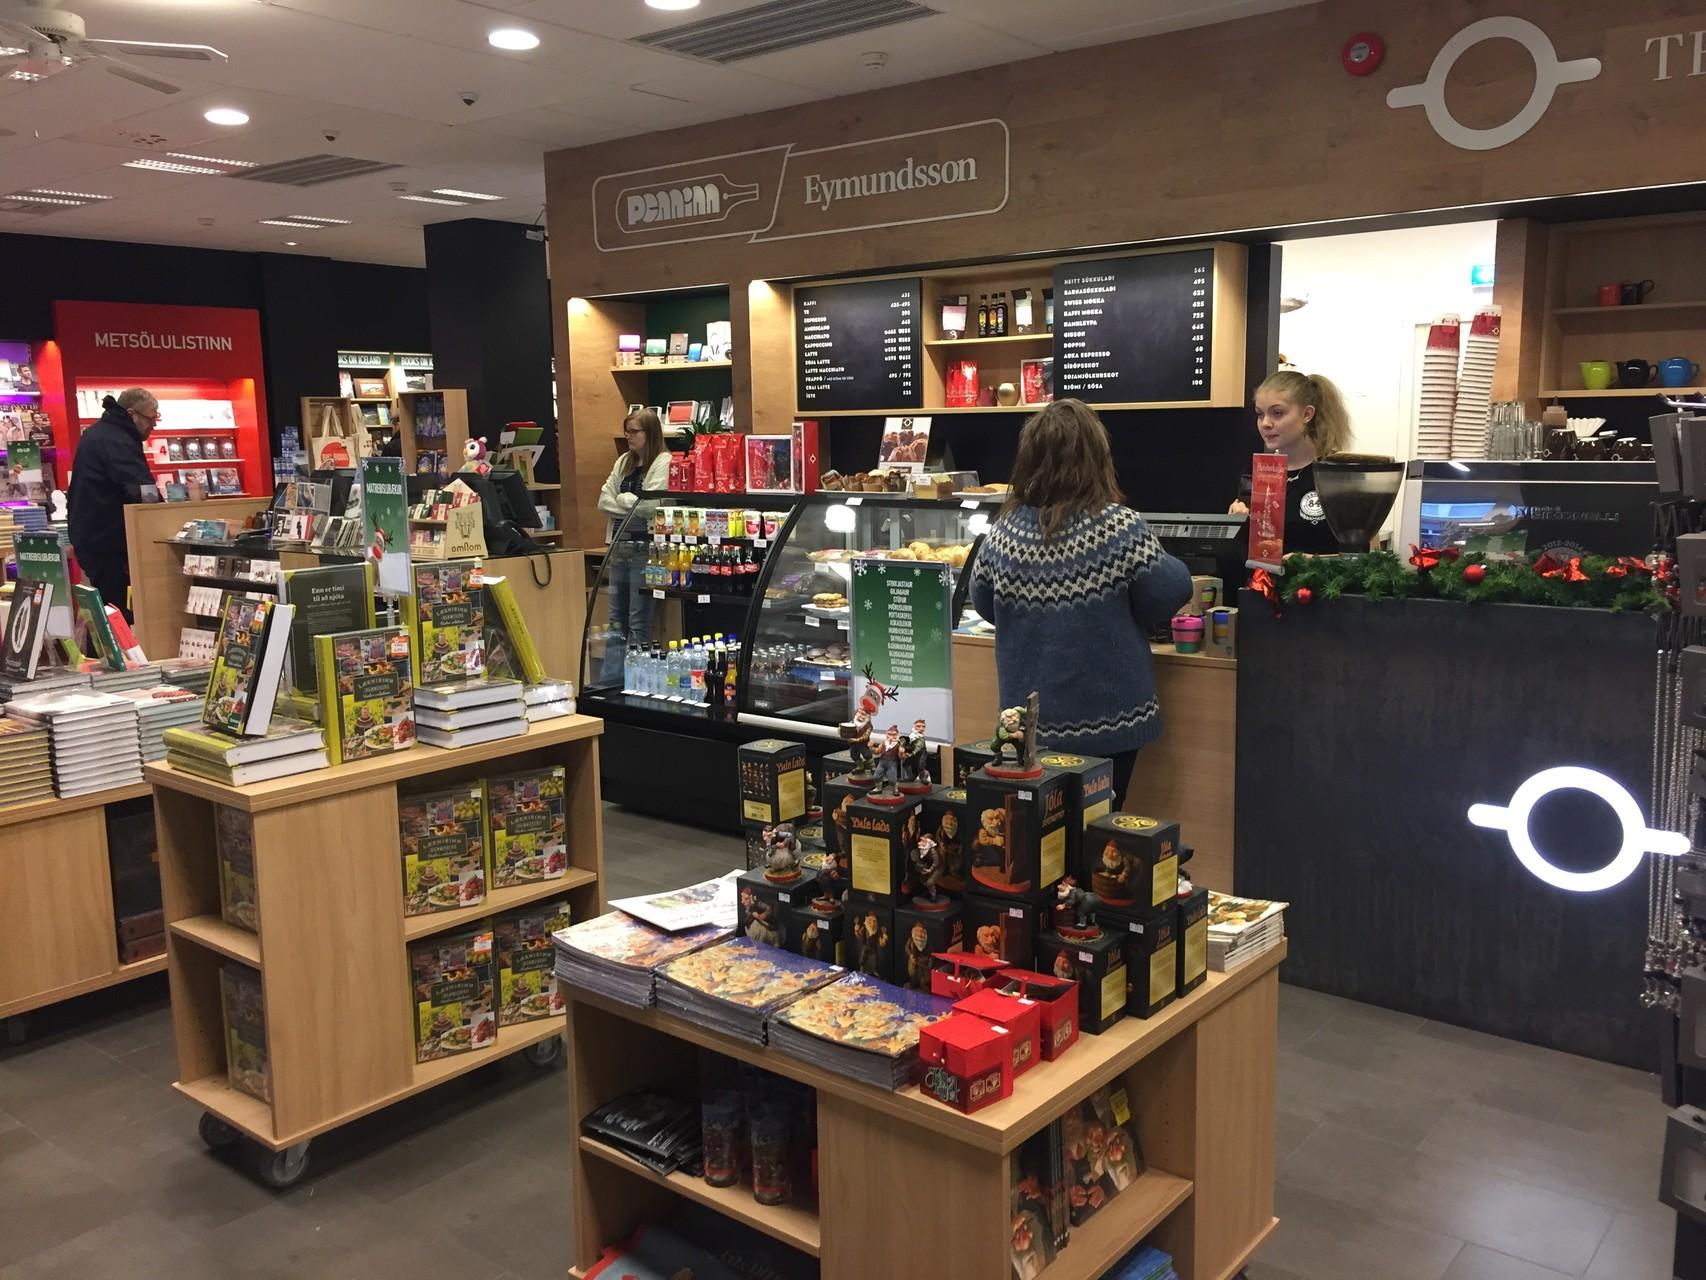 Eymundsson Bücherladen mit Kaffee-Ecke und WiFi